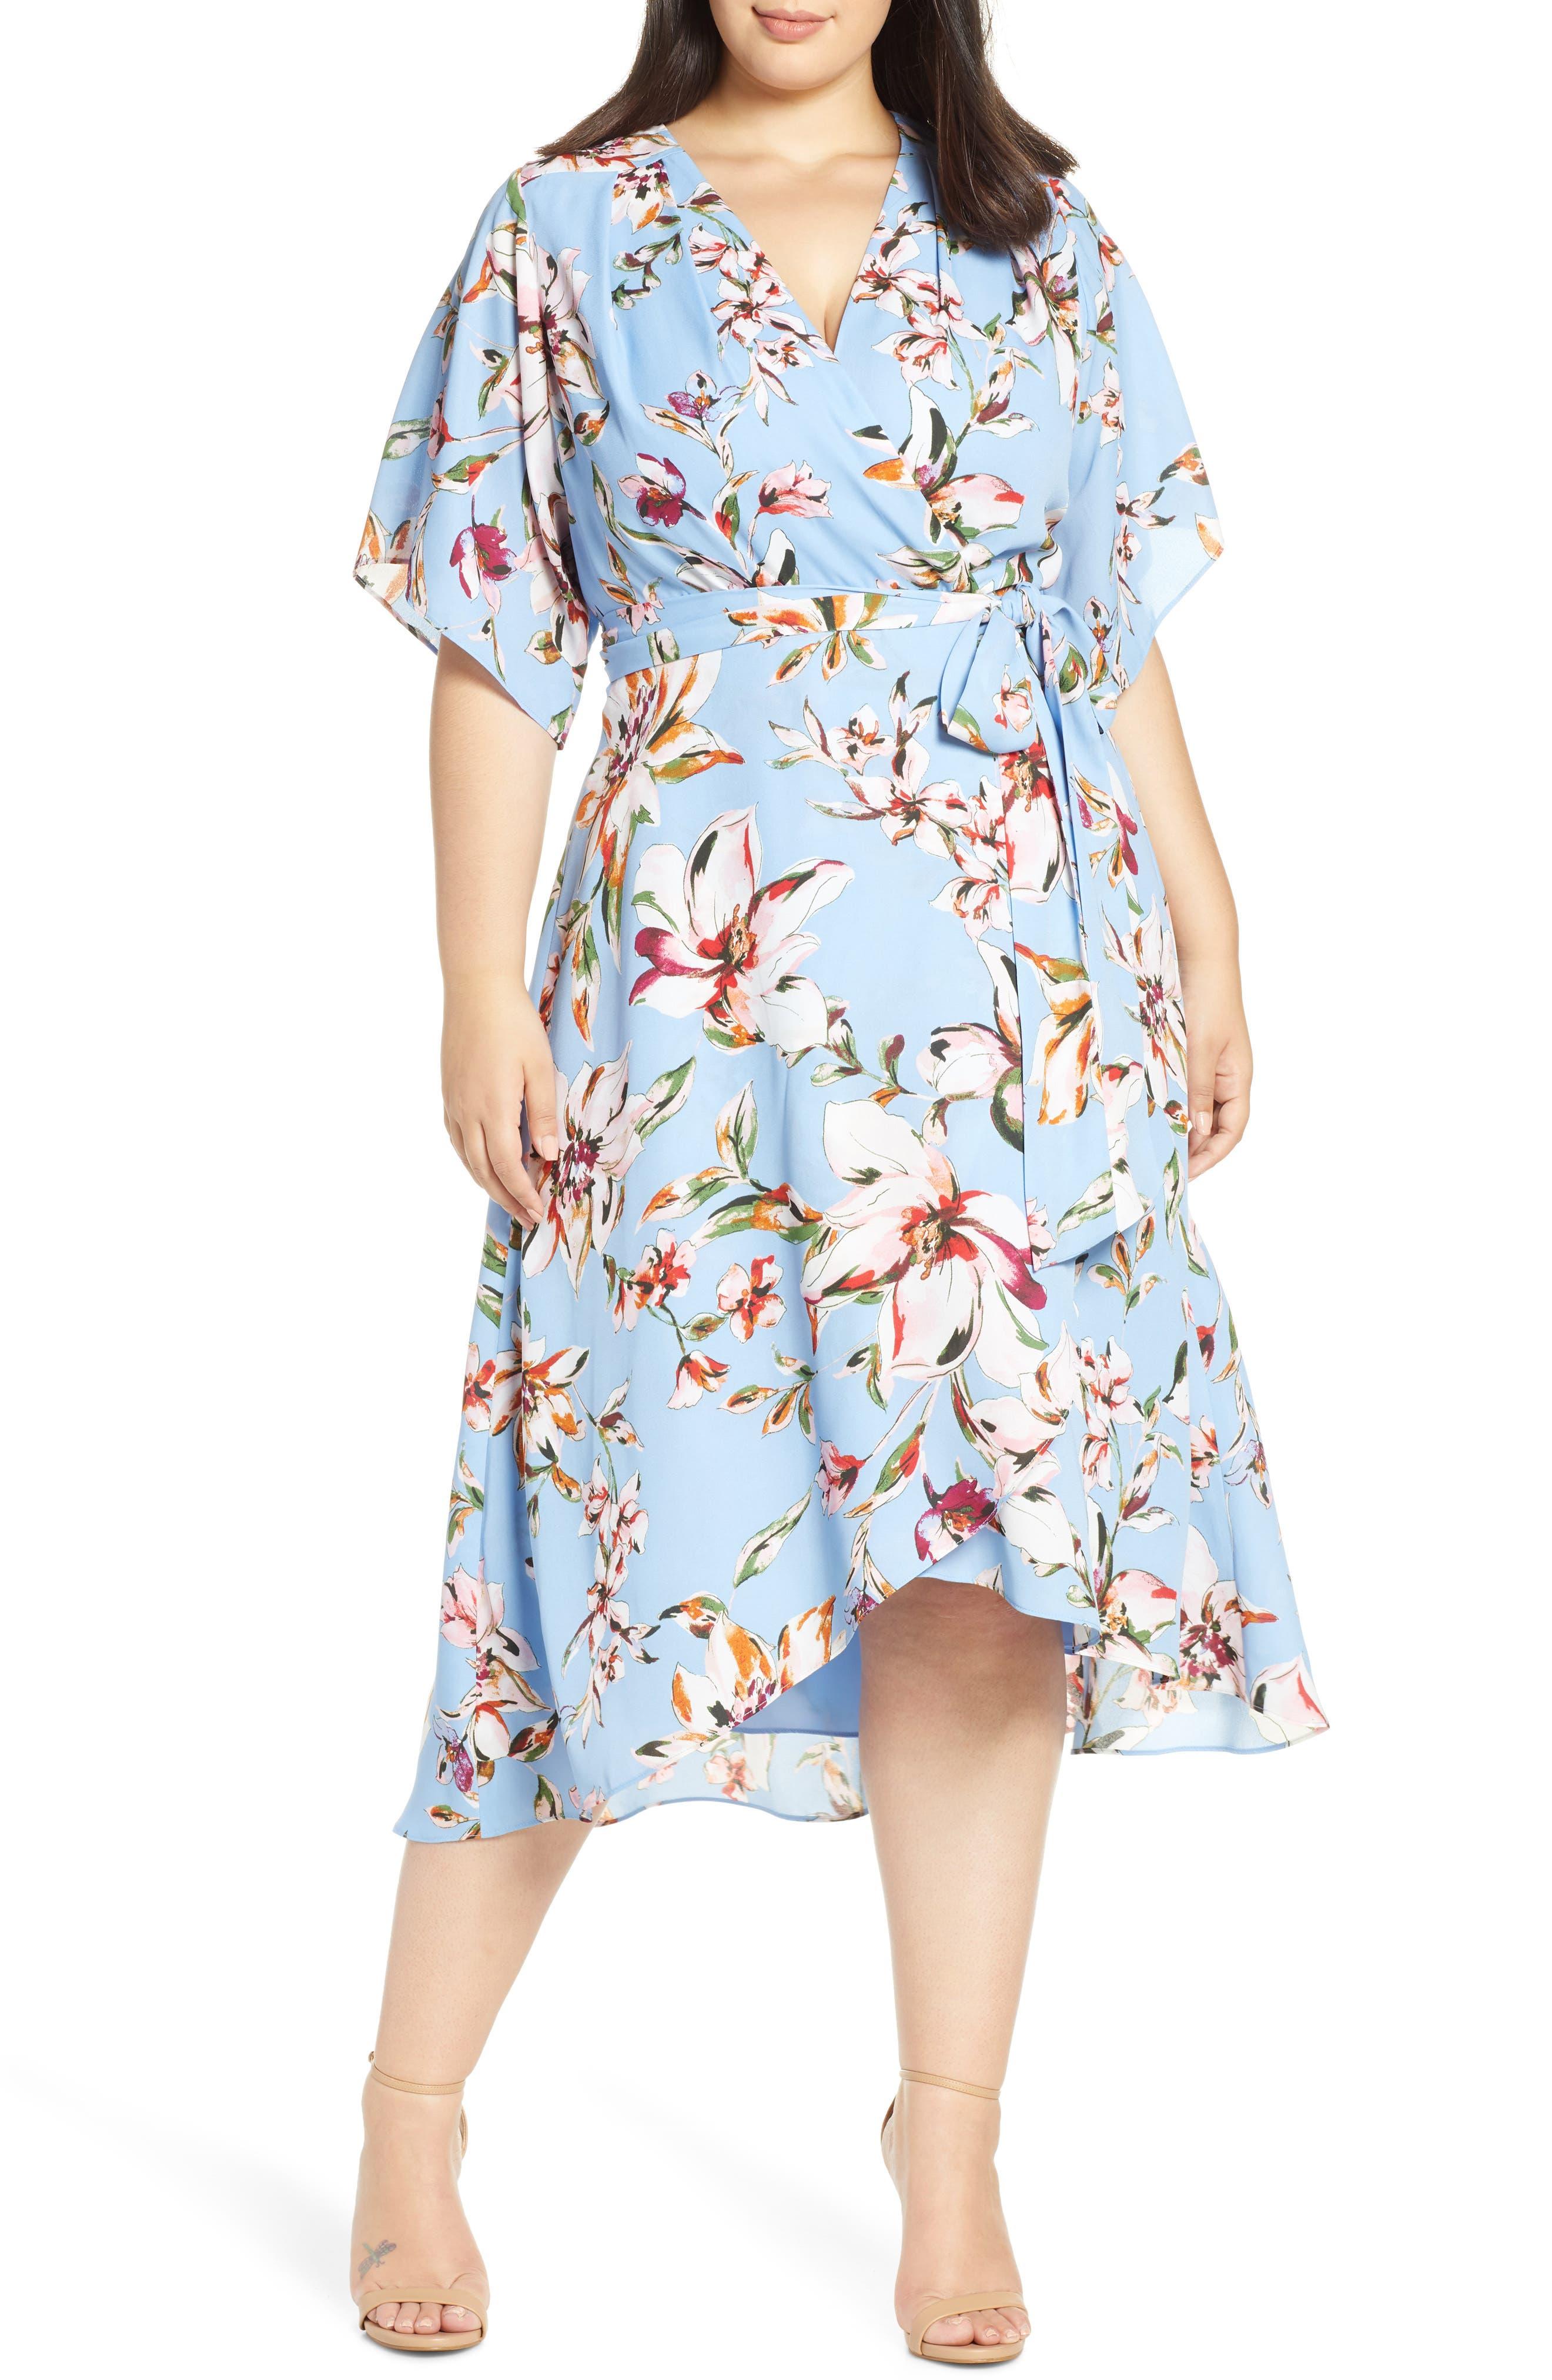 1930s Art Deco Plus Size Dresses | Tea Dresses, Party Dresses Plus Size Womens Tahari Faux Wrap Midi Dress $148.00 AT vintagedancer.com